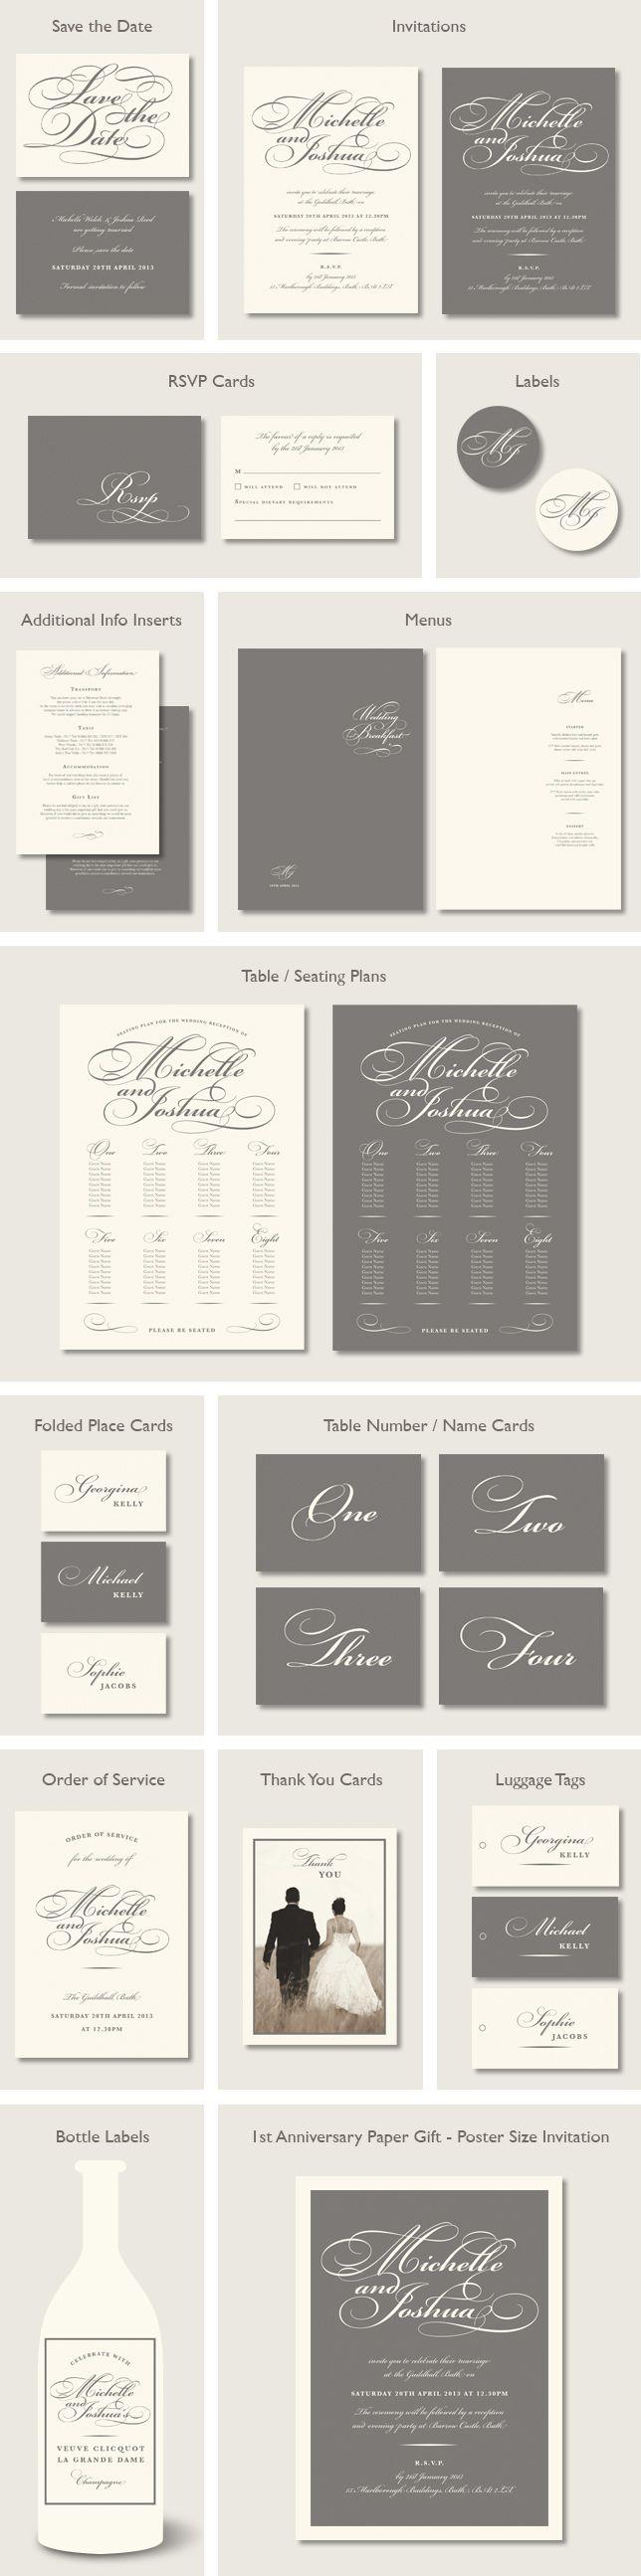 Bickham Script wedding stationery